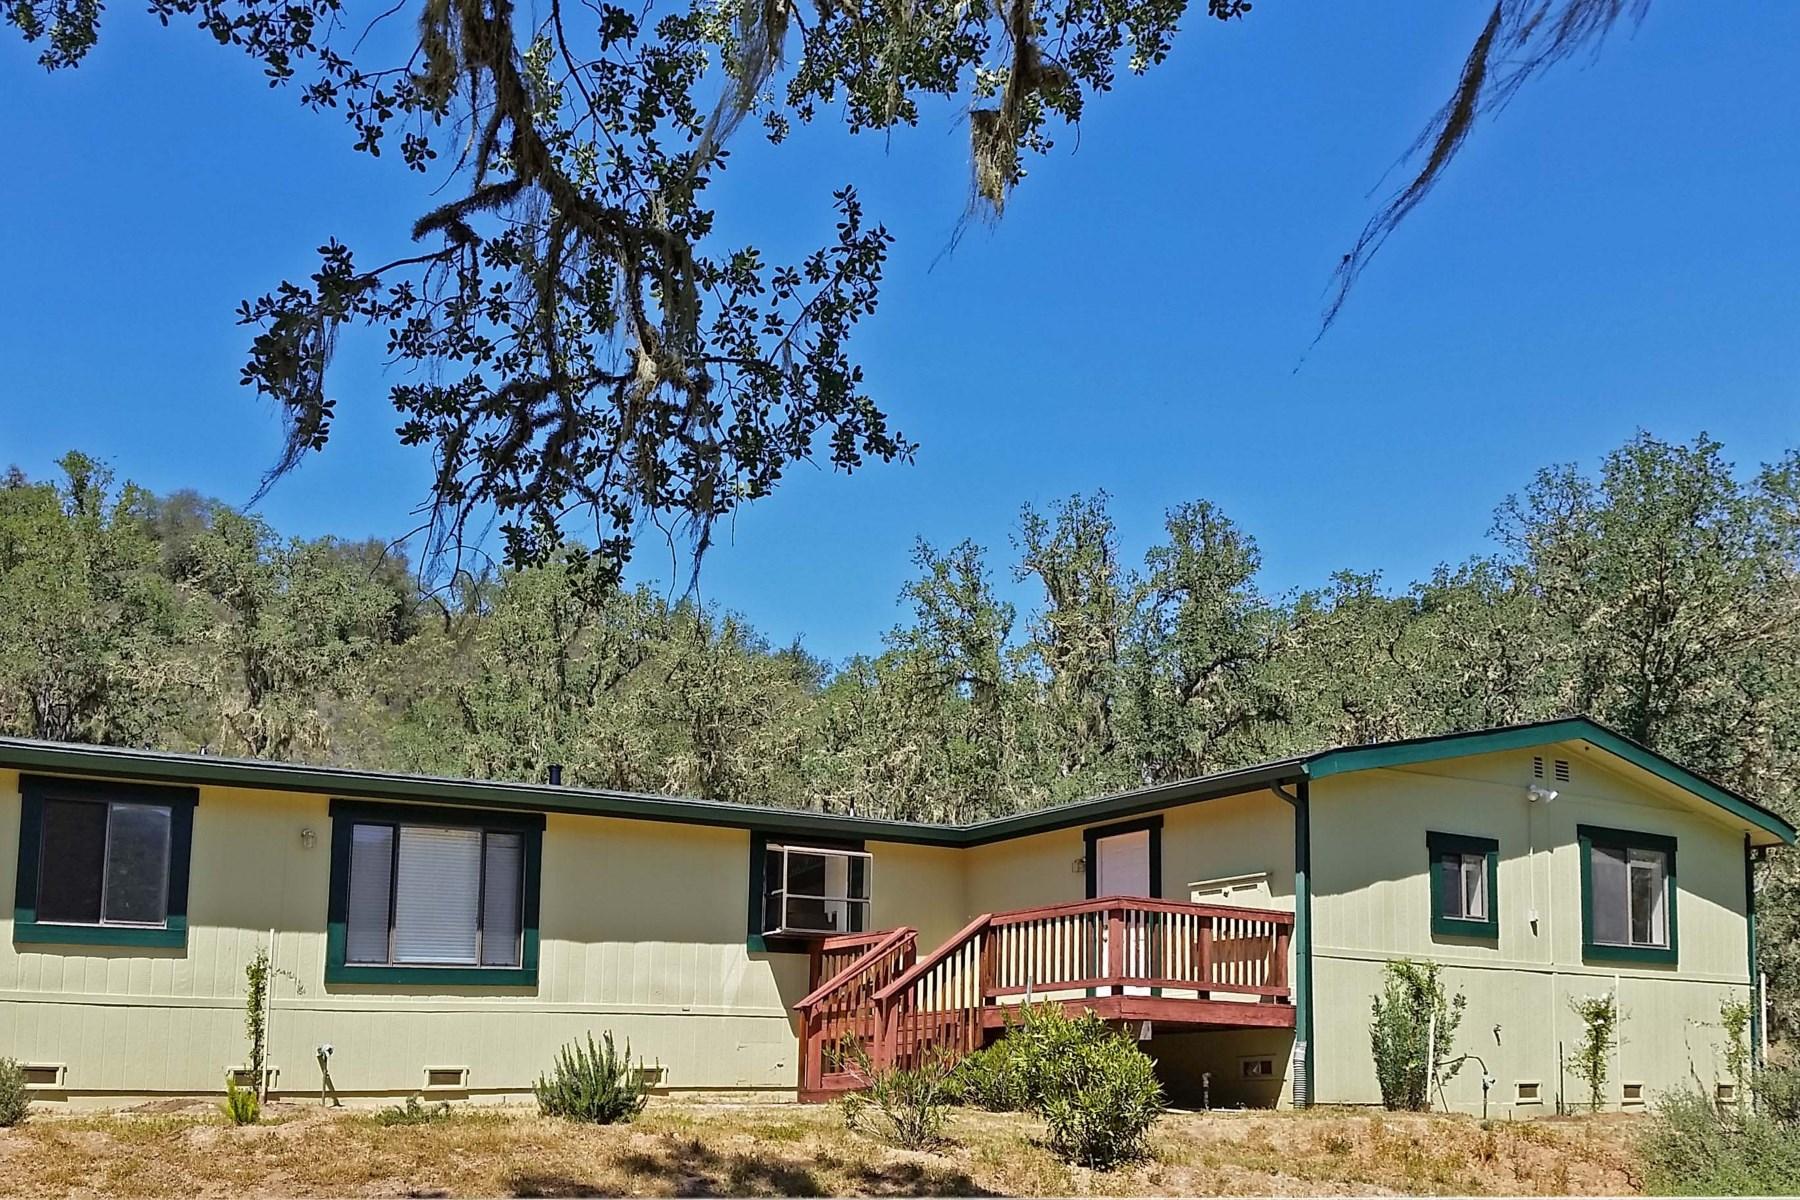 Nhà ở nhiều gia đình vì Bán tại A Sweet Carmel Valley Retreat 3 Trampa Canyon Carmel Valley, California 93924 Hoa Kỳ